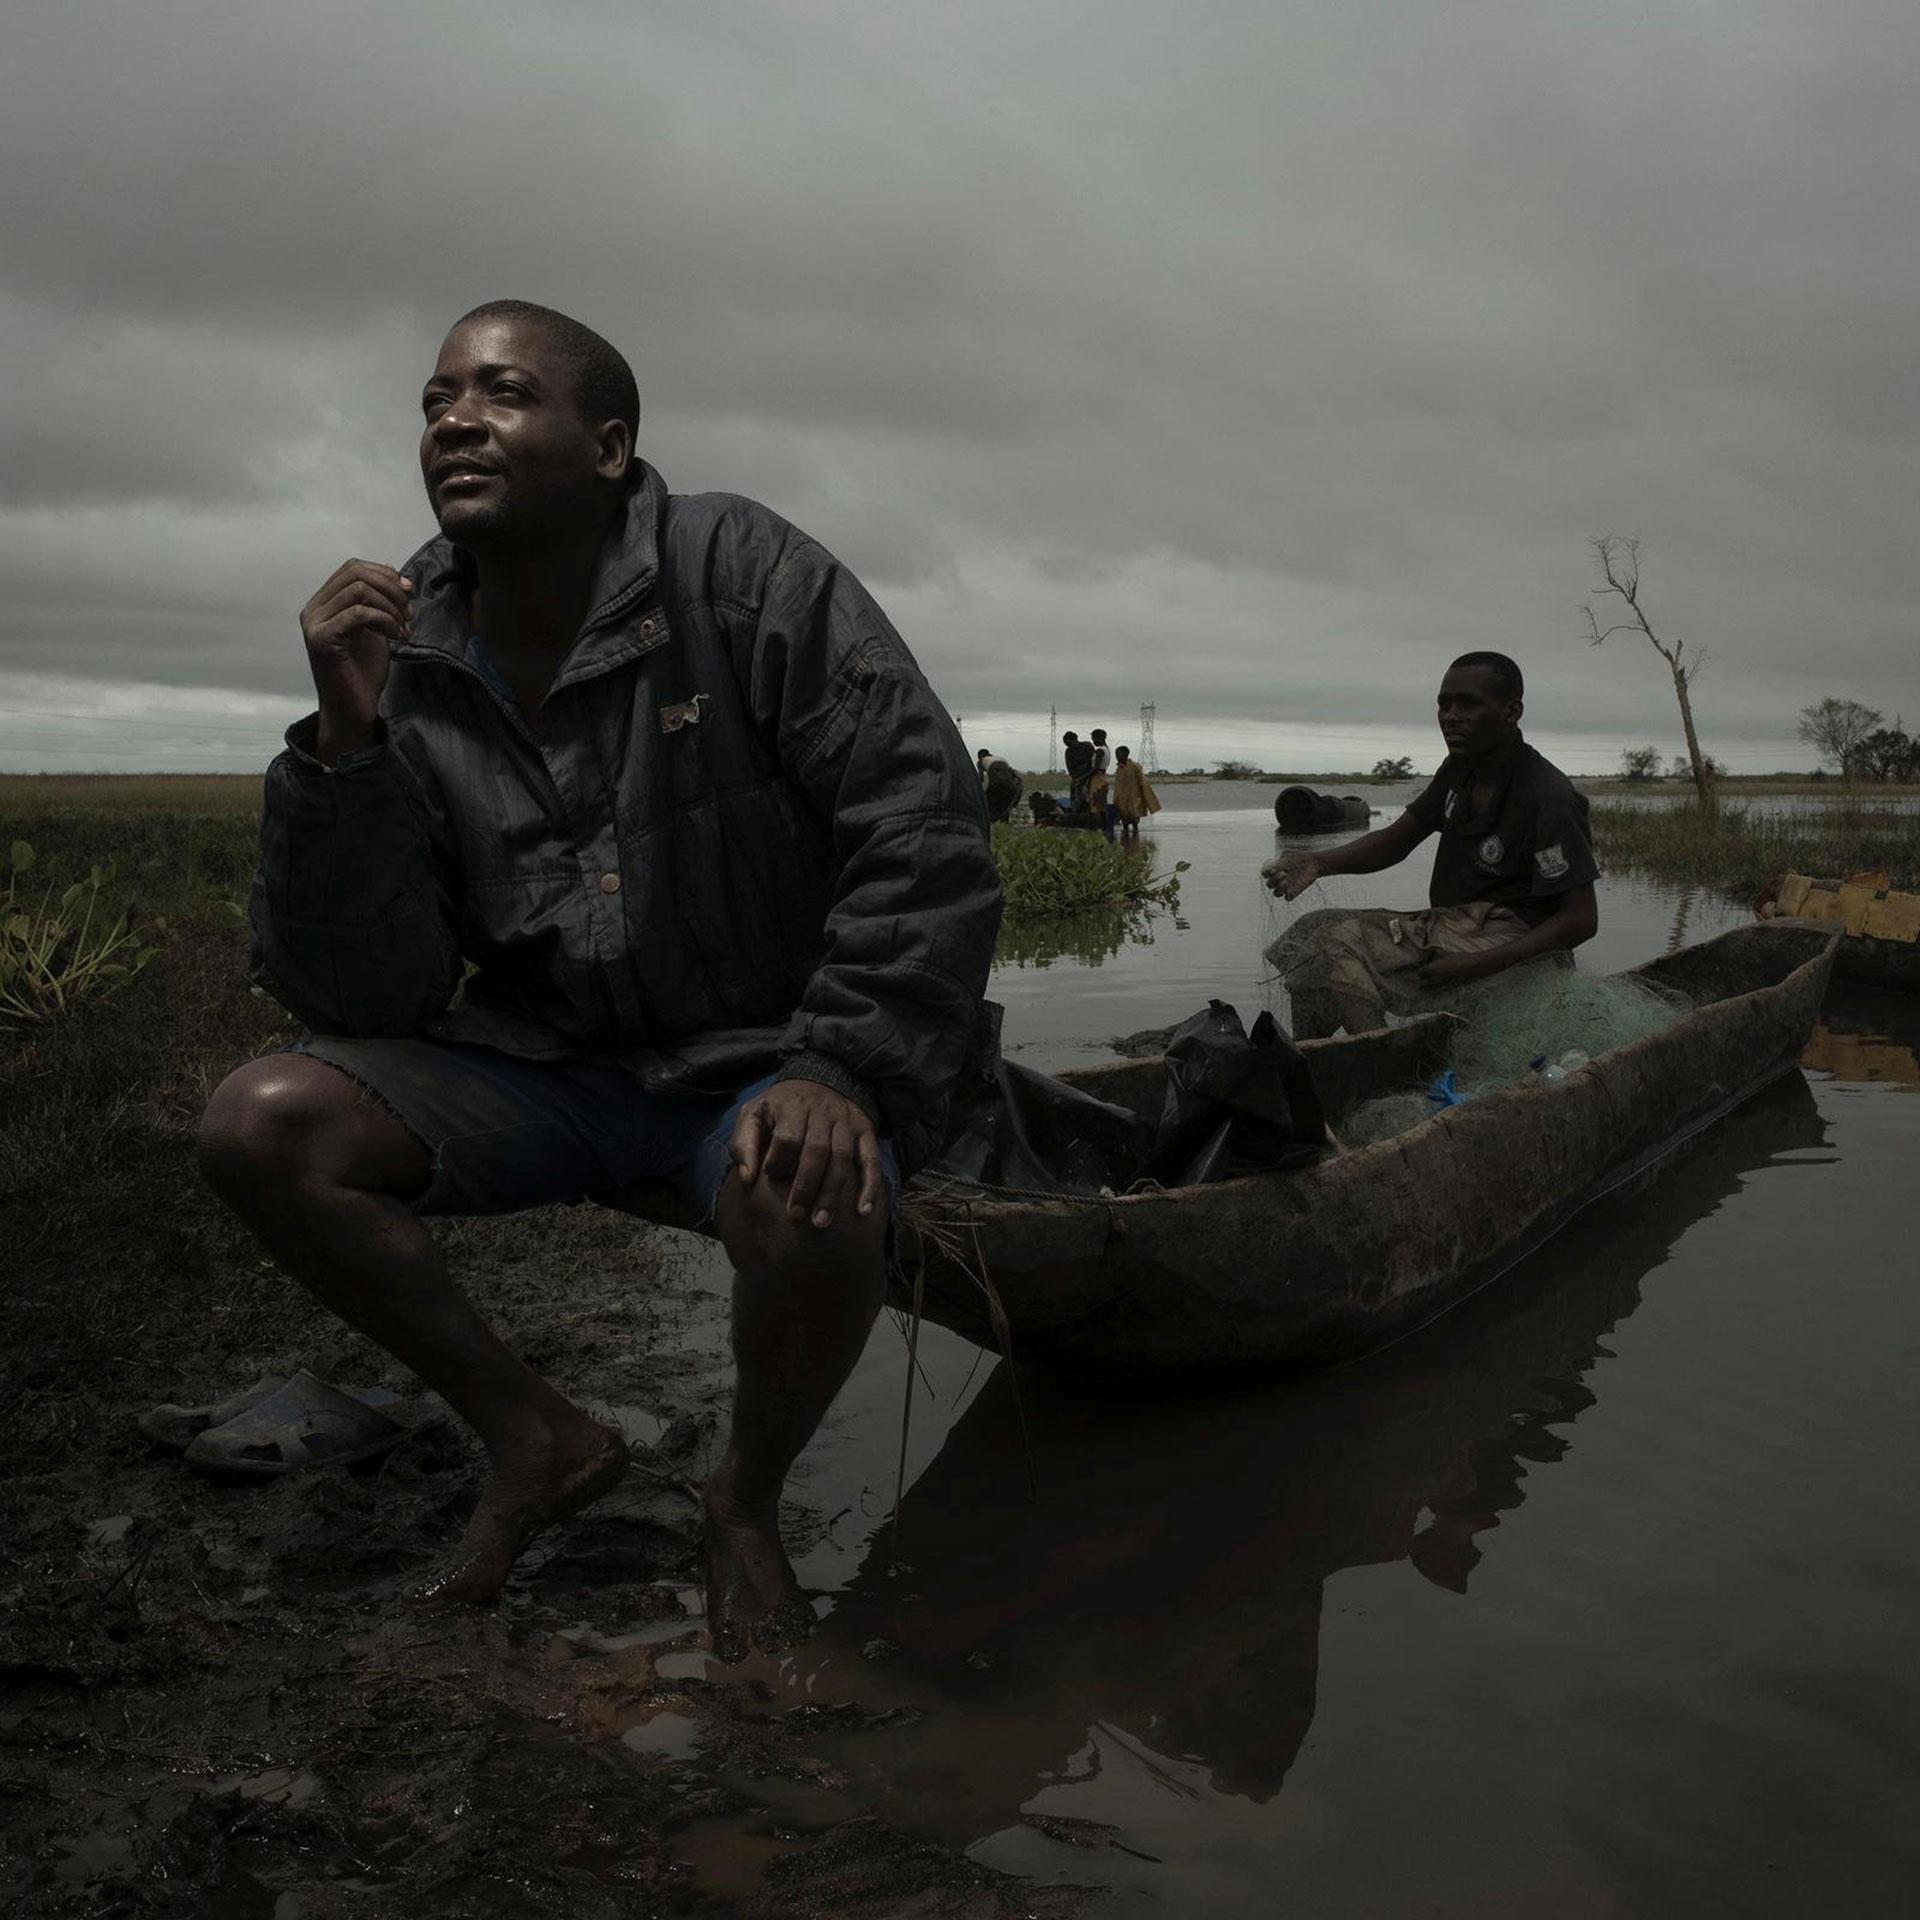 Roque Fernando sentado en su bote, con el que logró mantener a salvo a su familia enel poblado deTica luego de que su casa fuese arrasada por las aguas (Foto:CARE International/Josh Estey via REUTERS)